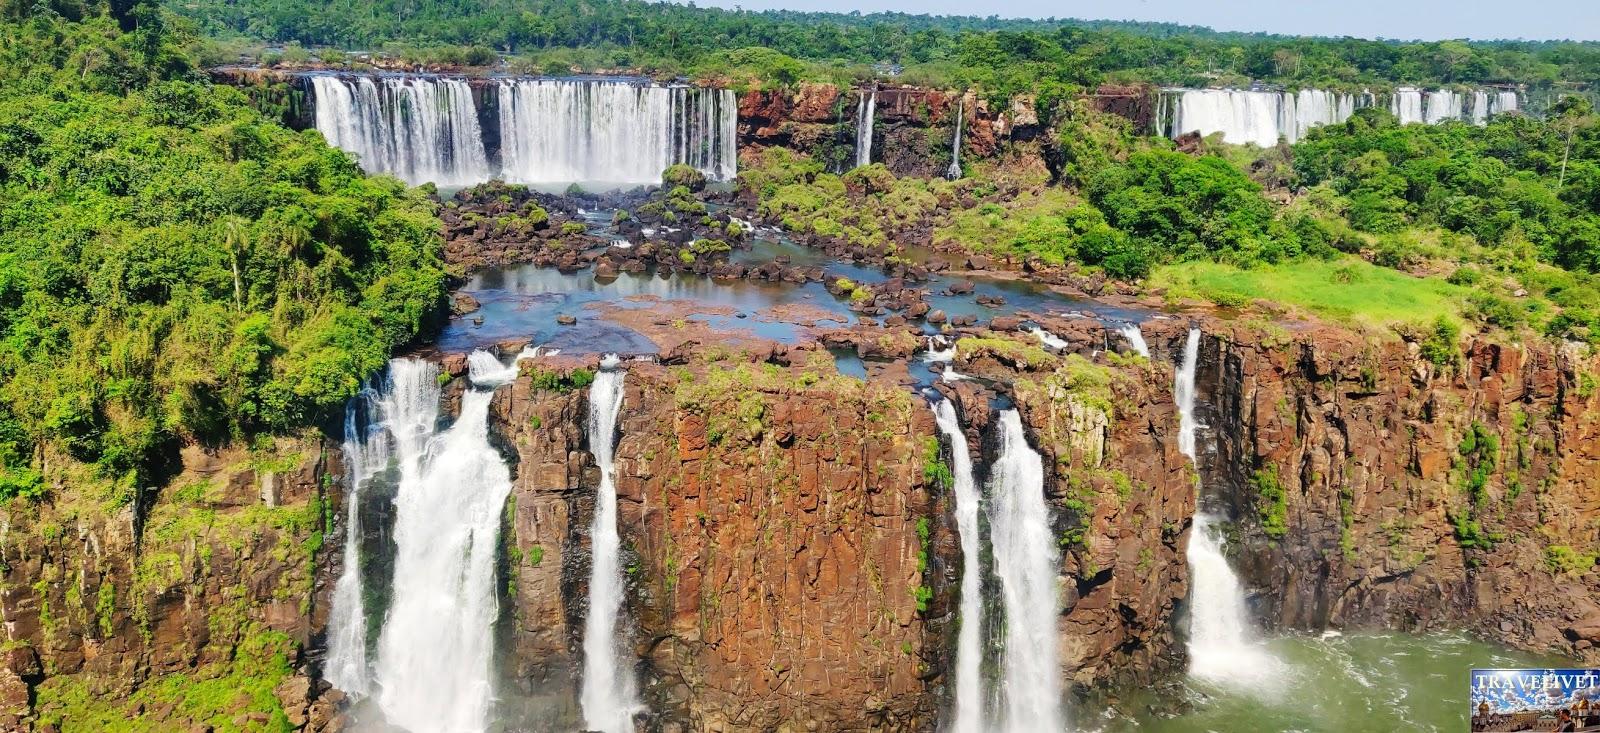 Brésil les chutes d'Iguaçu